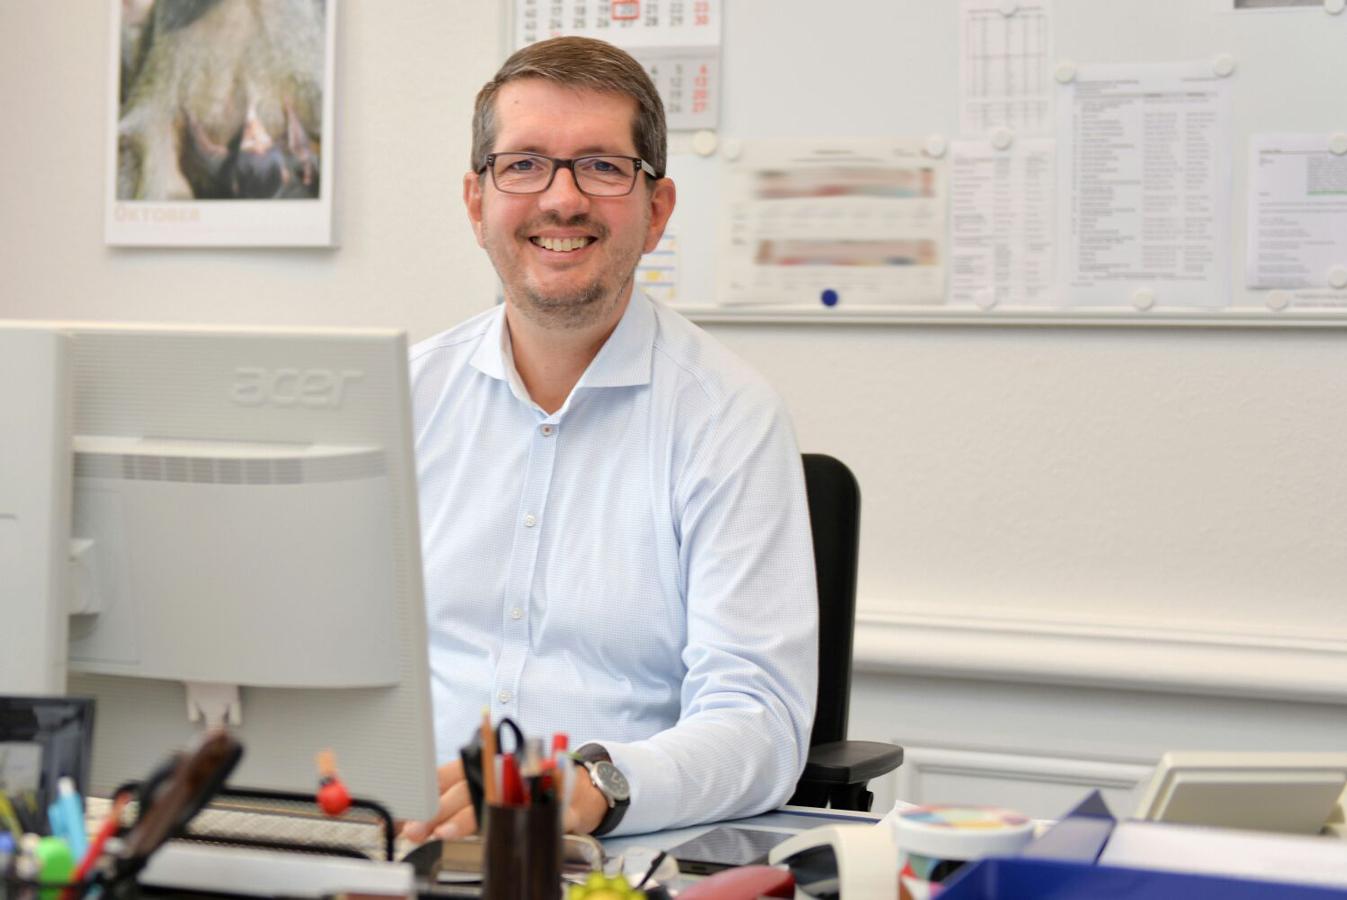 Dirk Lerche am Computerarbeitsplatz